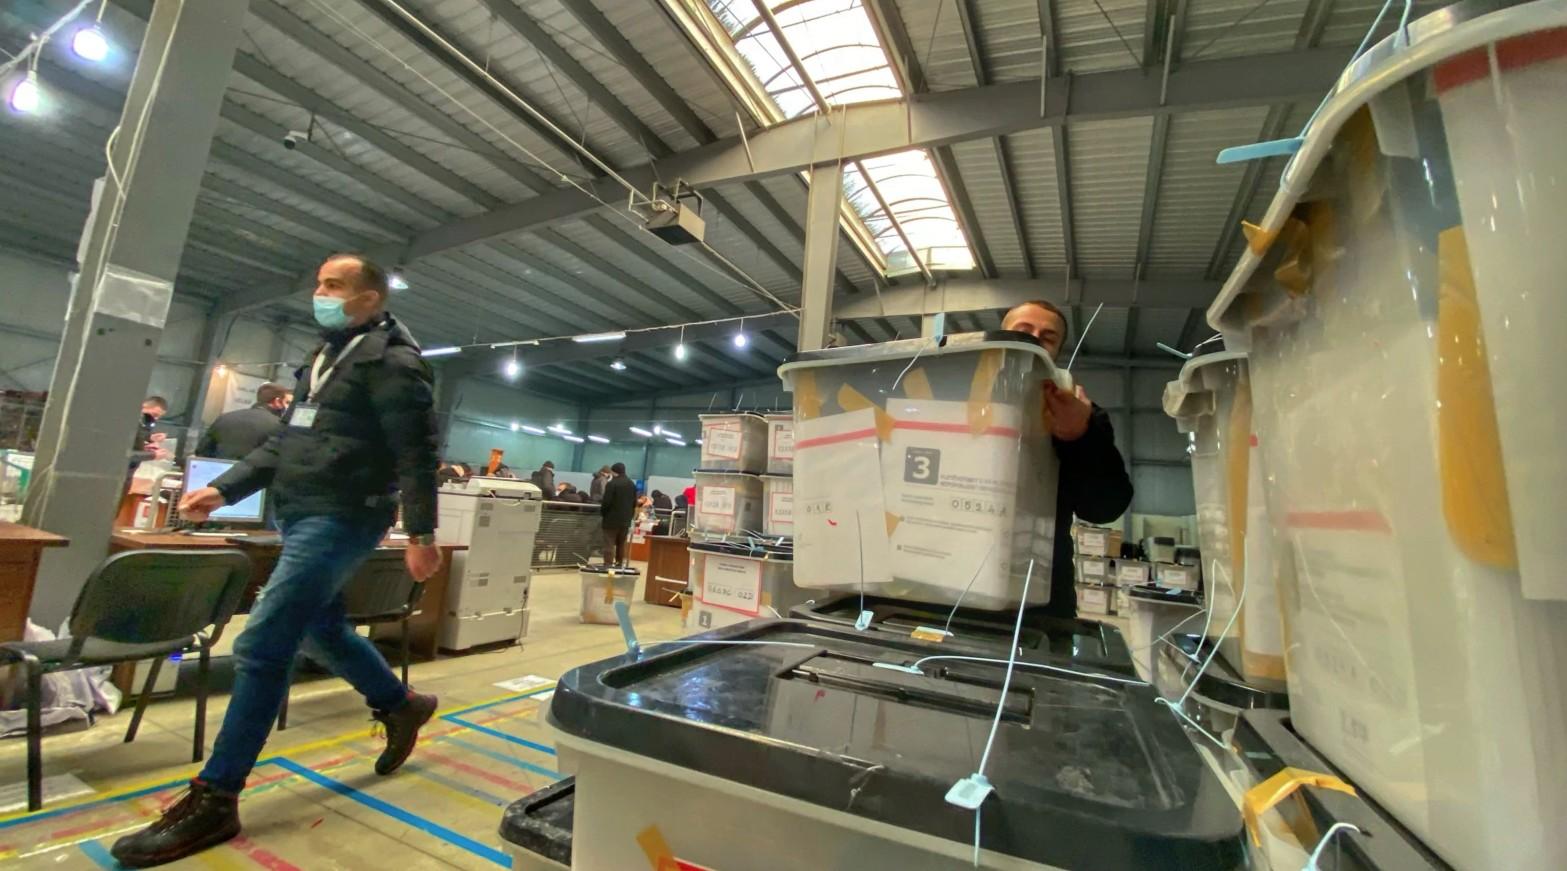 Votat e diasporës: Nga mbi 38 mijë fletëvotimet e verifikuara, 30 për qind janë refuzuar